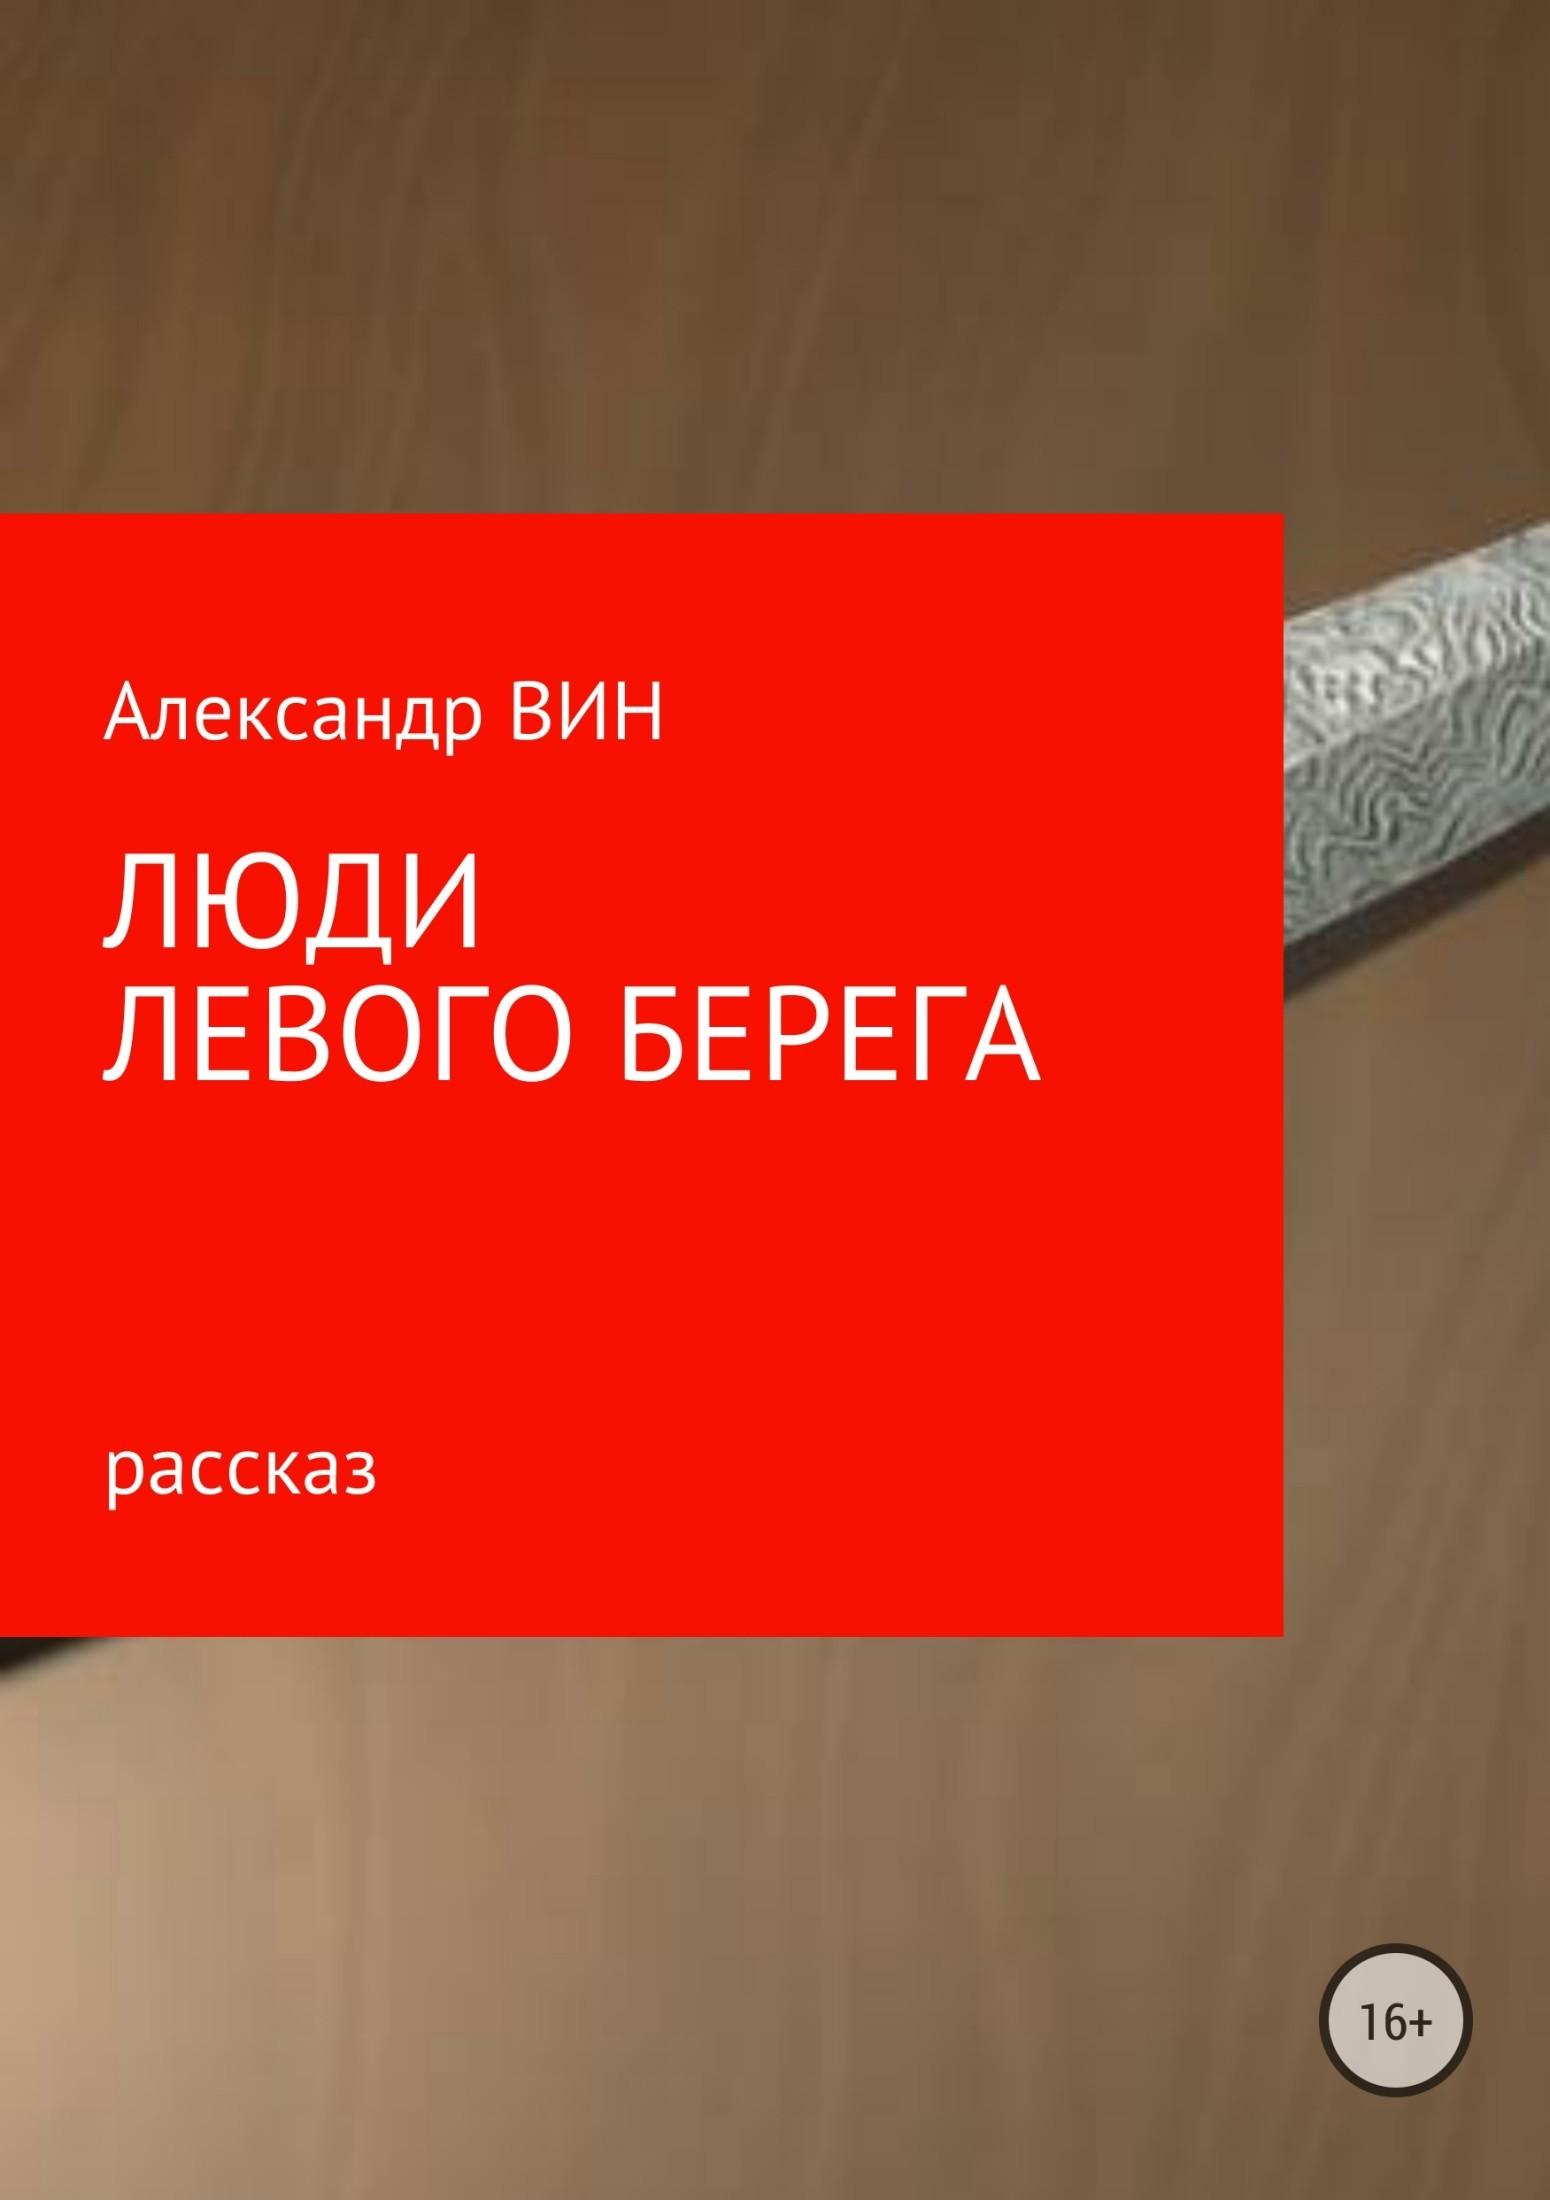 Книга притягивает взоры 37/96/36/37963622.bin.dir/37963622.cover.jpg обложка